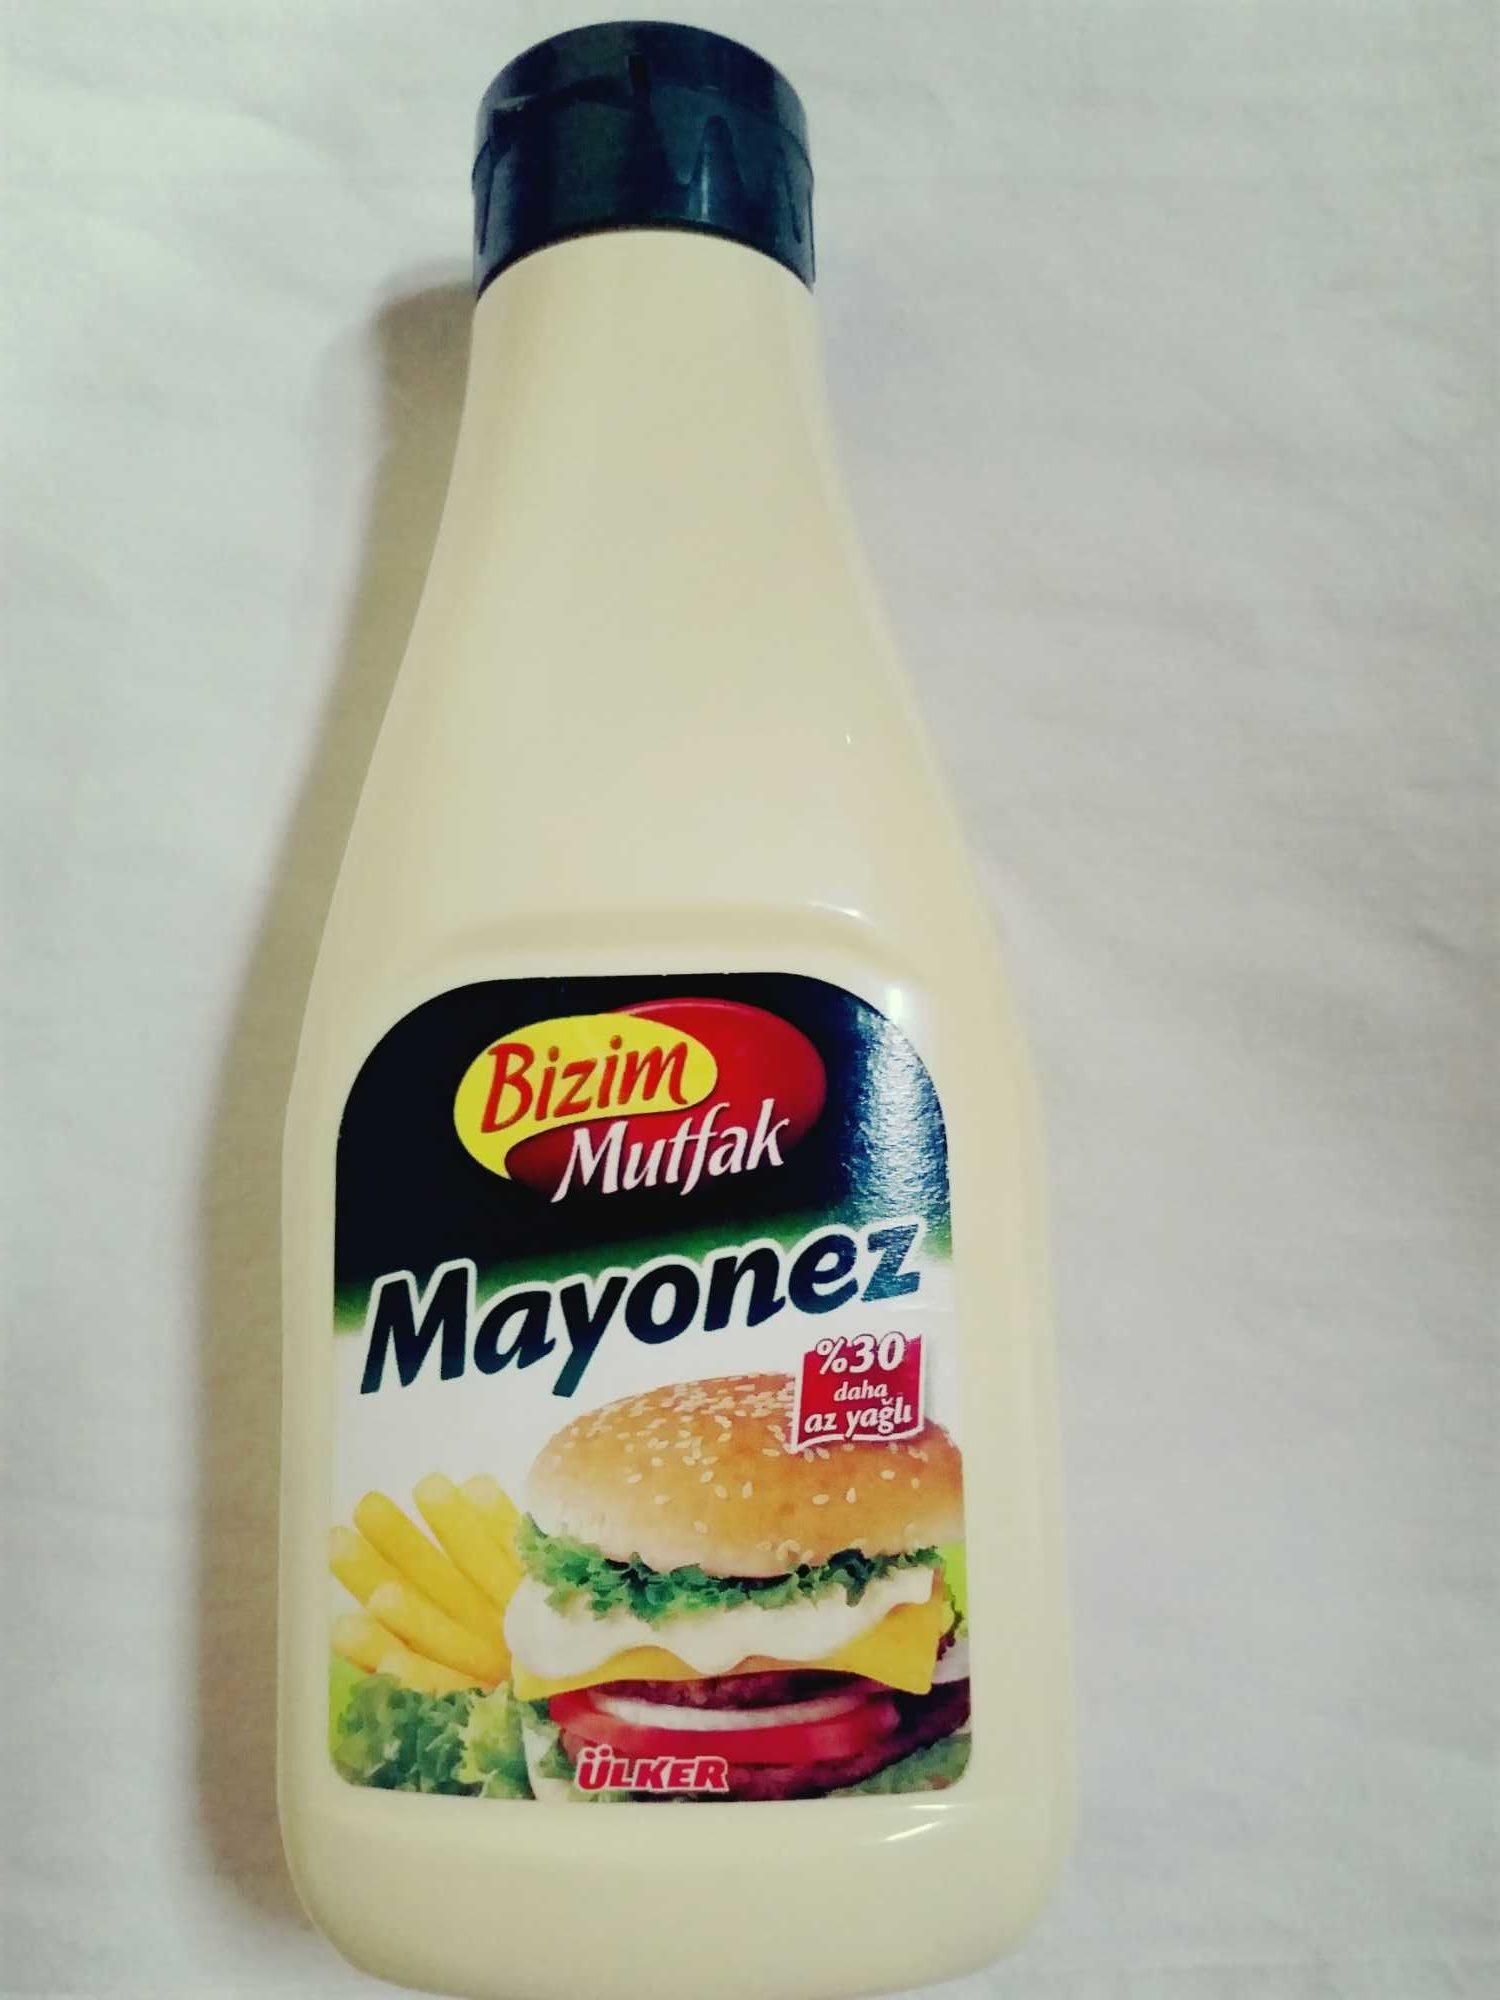 Bizim Mutfak Mayonez - Ürün